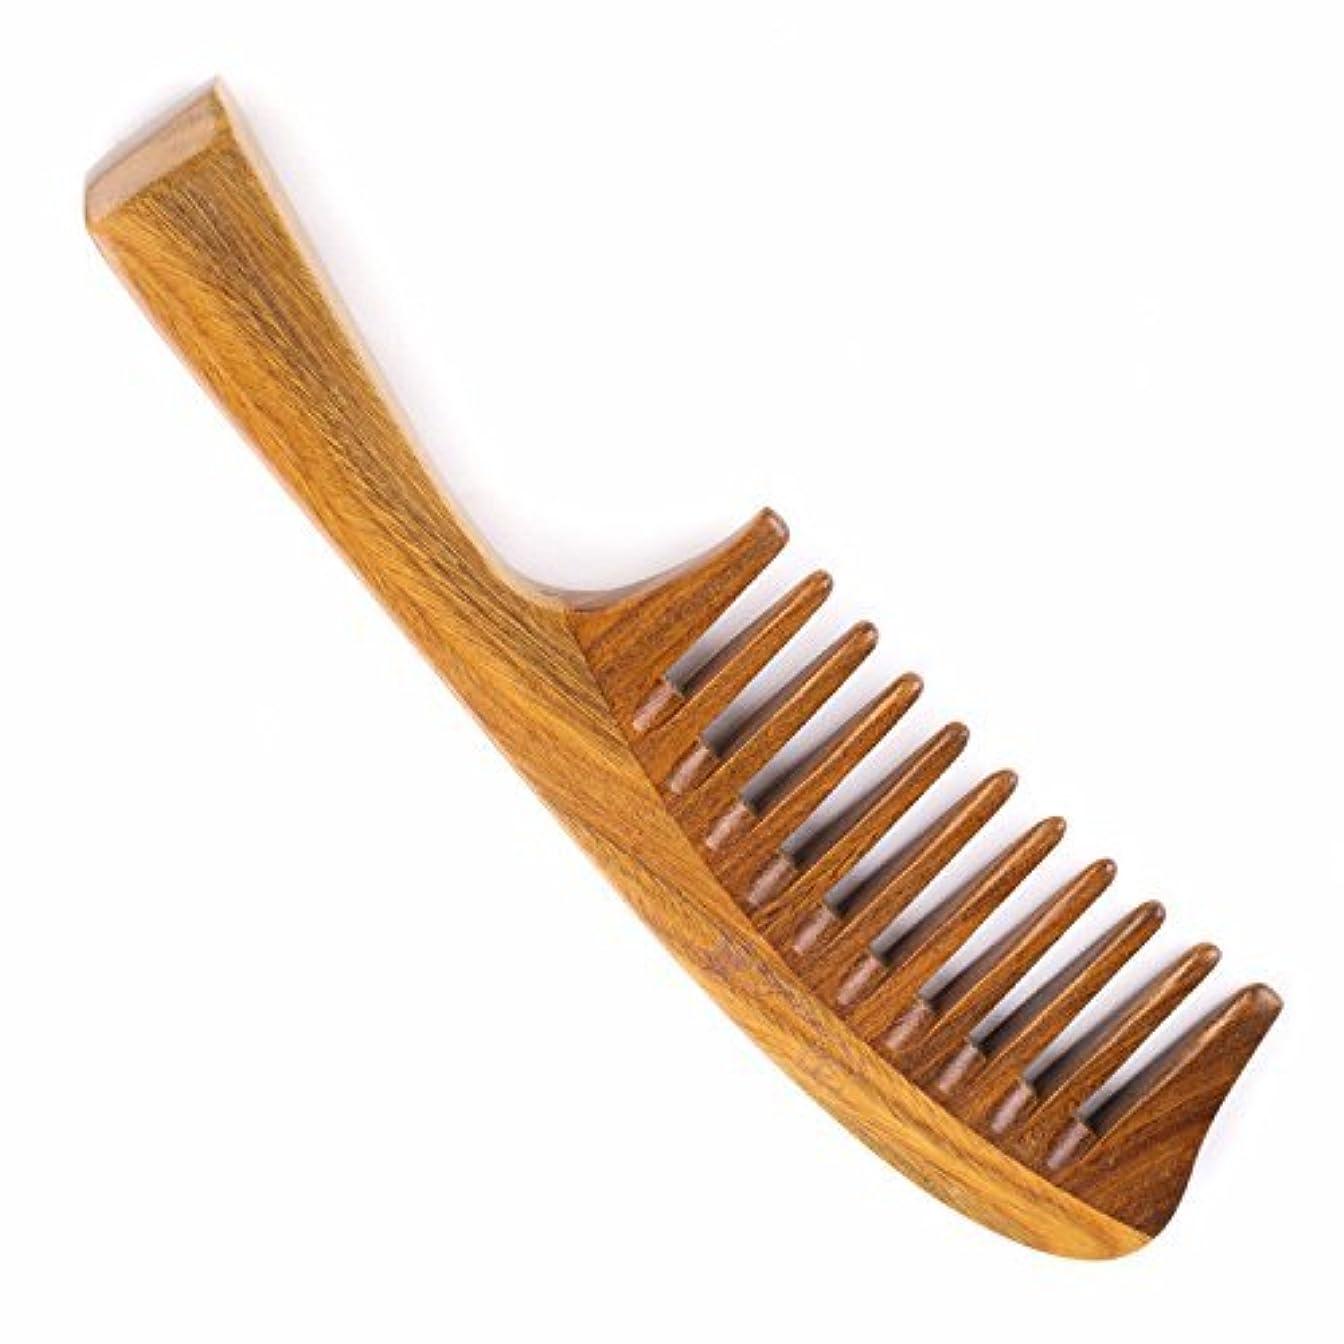 小競り合いジョージスティーブンソン再撮りHair Comb for Curly Hair - Breezelike Wide Tooth Sandalwood Comb - 8